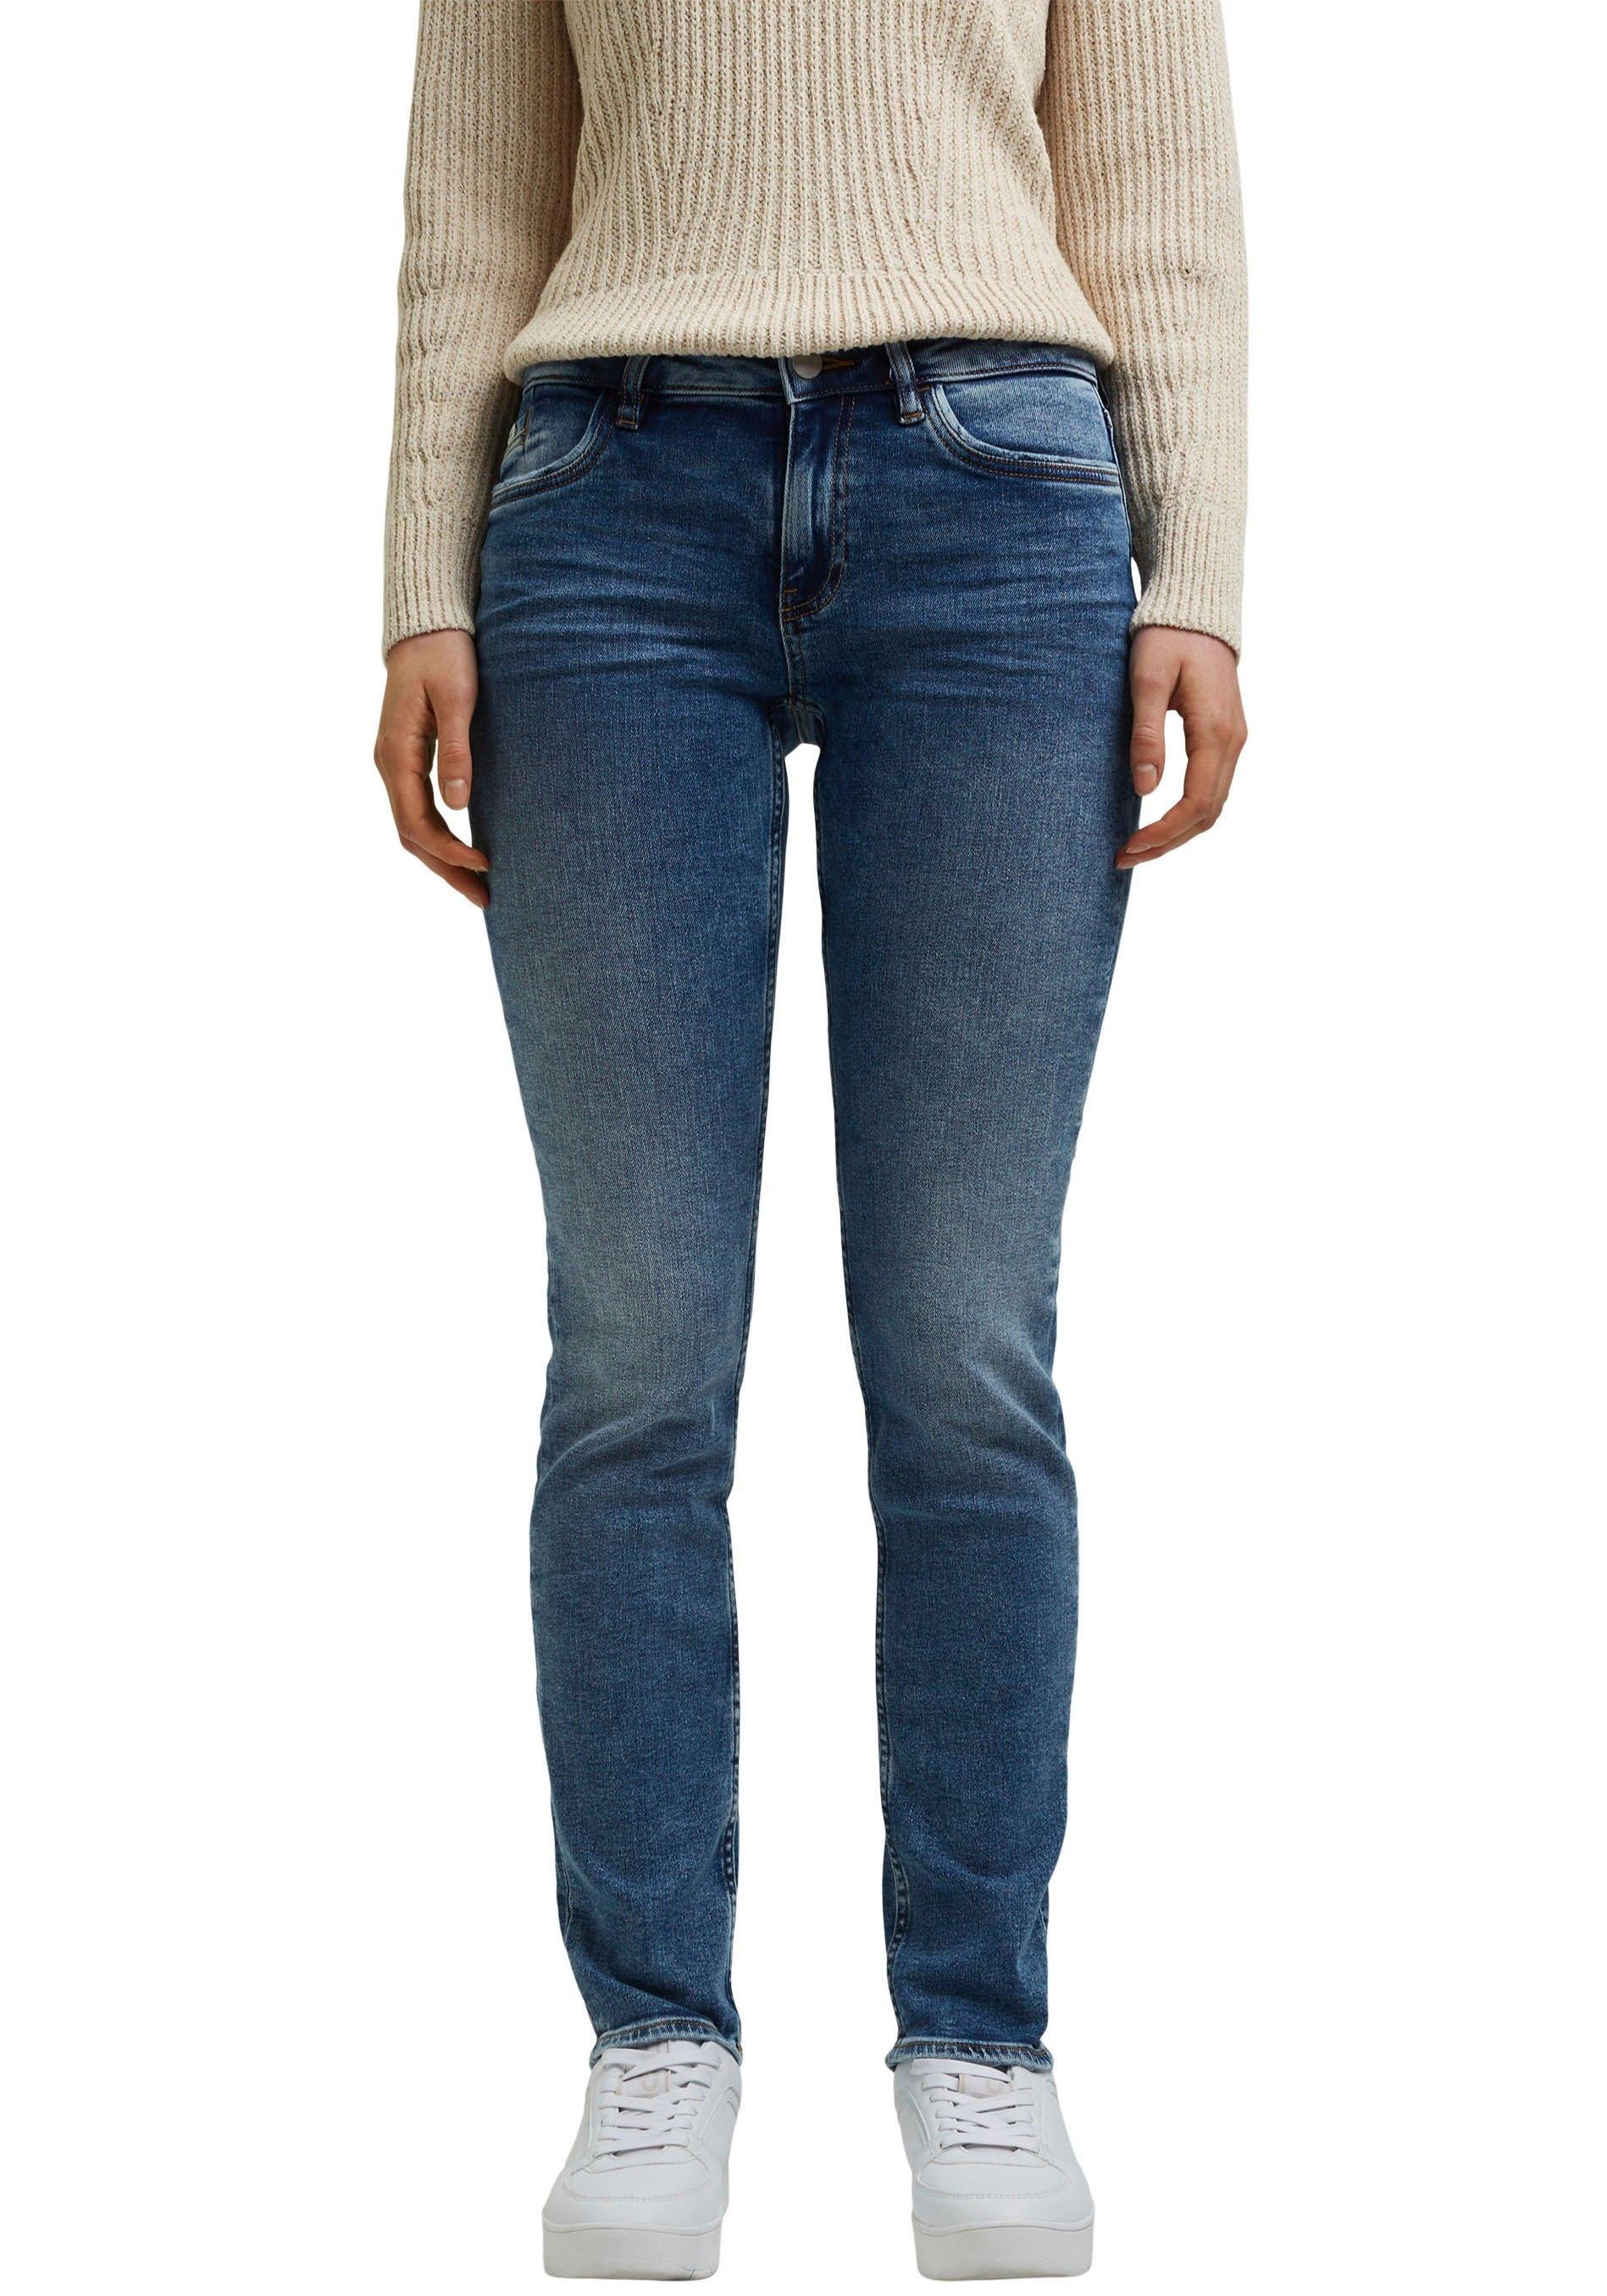 edc by Esprit slim fit jeans - verschillende betaalmethodes